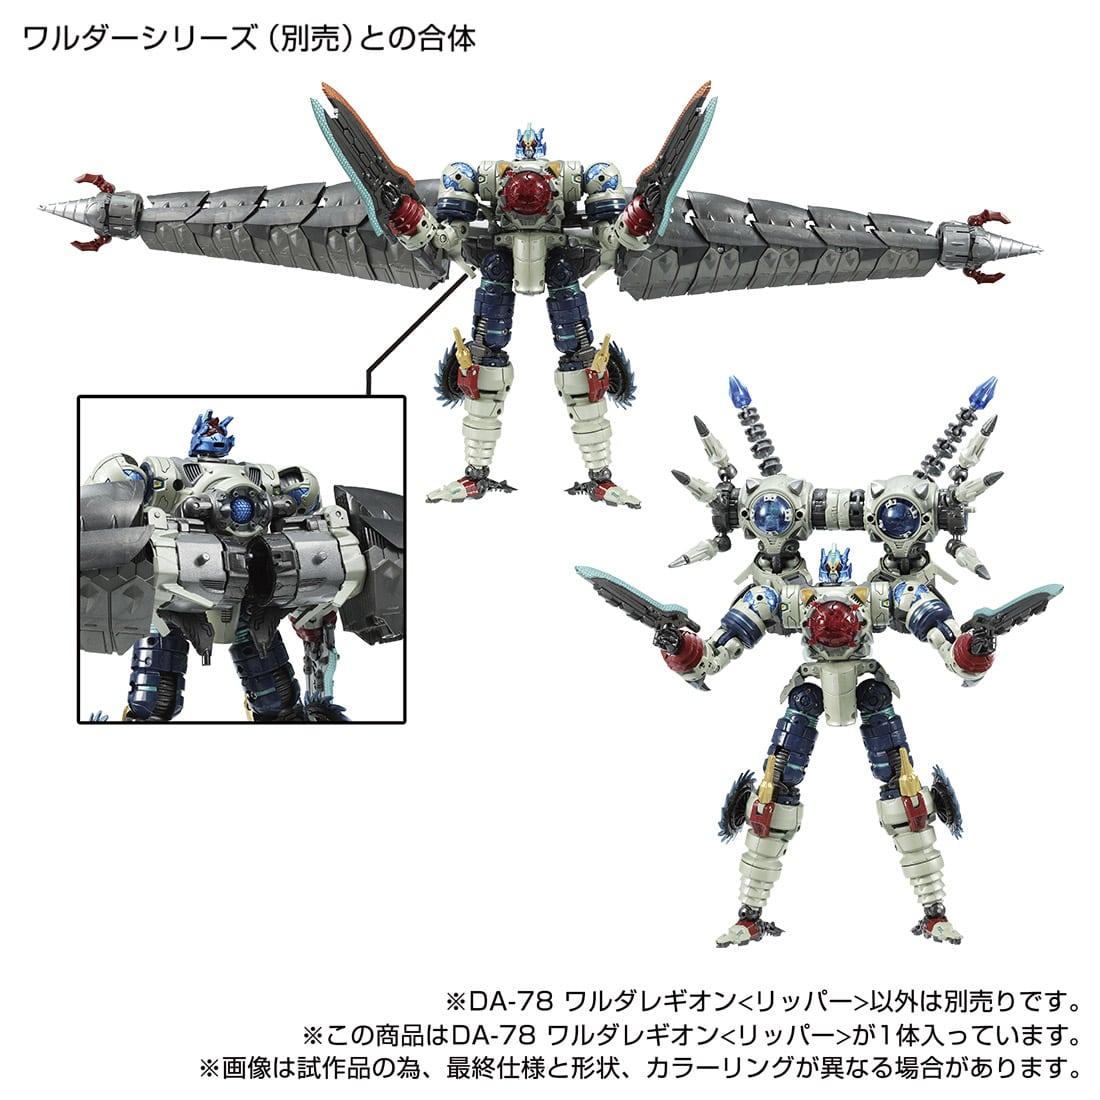 ダイアクロン『DA-78 ワルダレギオン〈リッパー〉』可変可動フィギュア-006